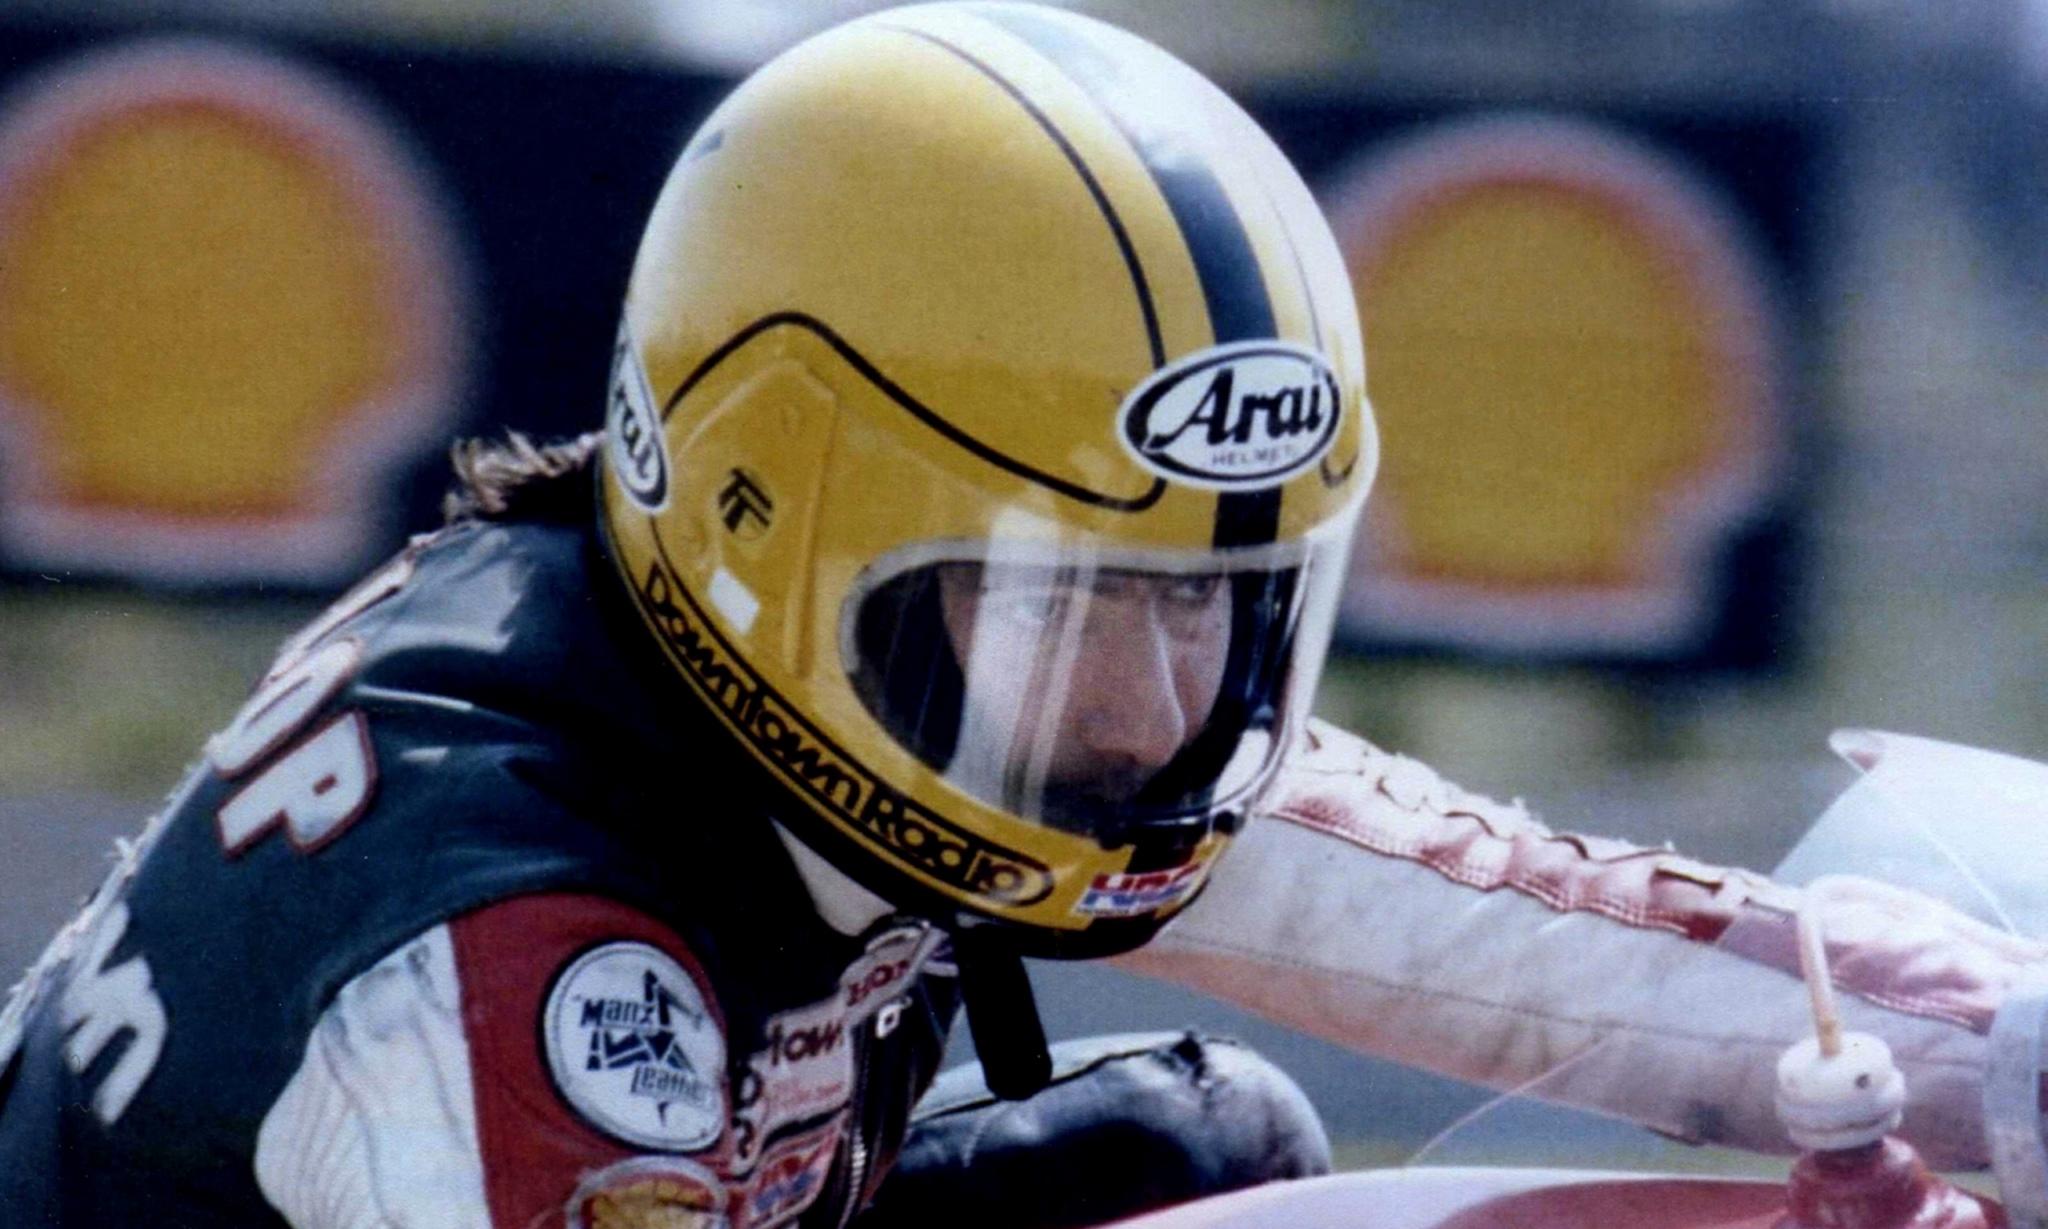 ... Helmet Joey Dunlop ...